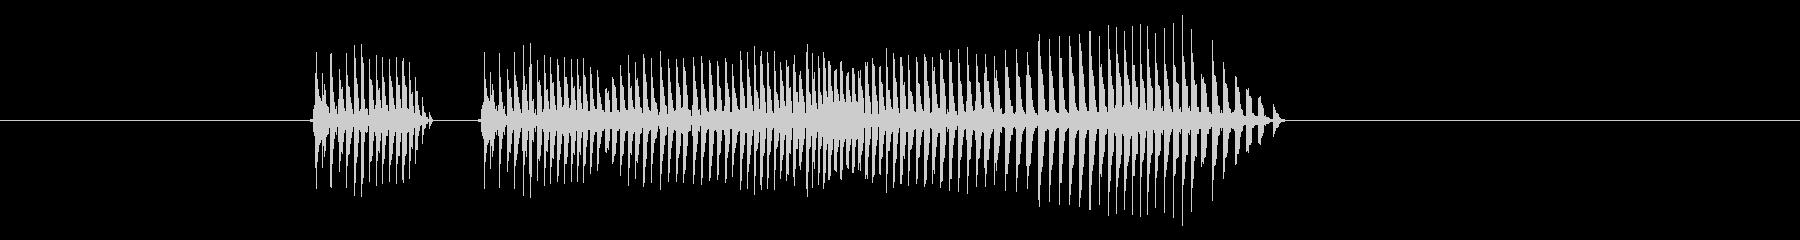 音ネタをエフェクトほか加工し作成しまし…の未再生の波形